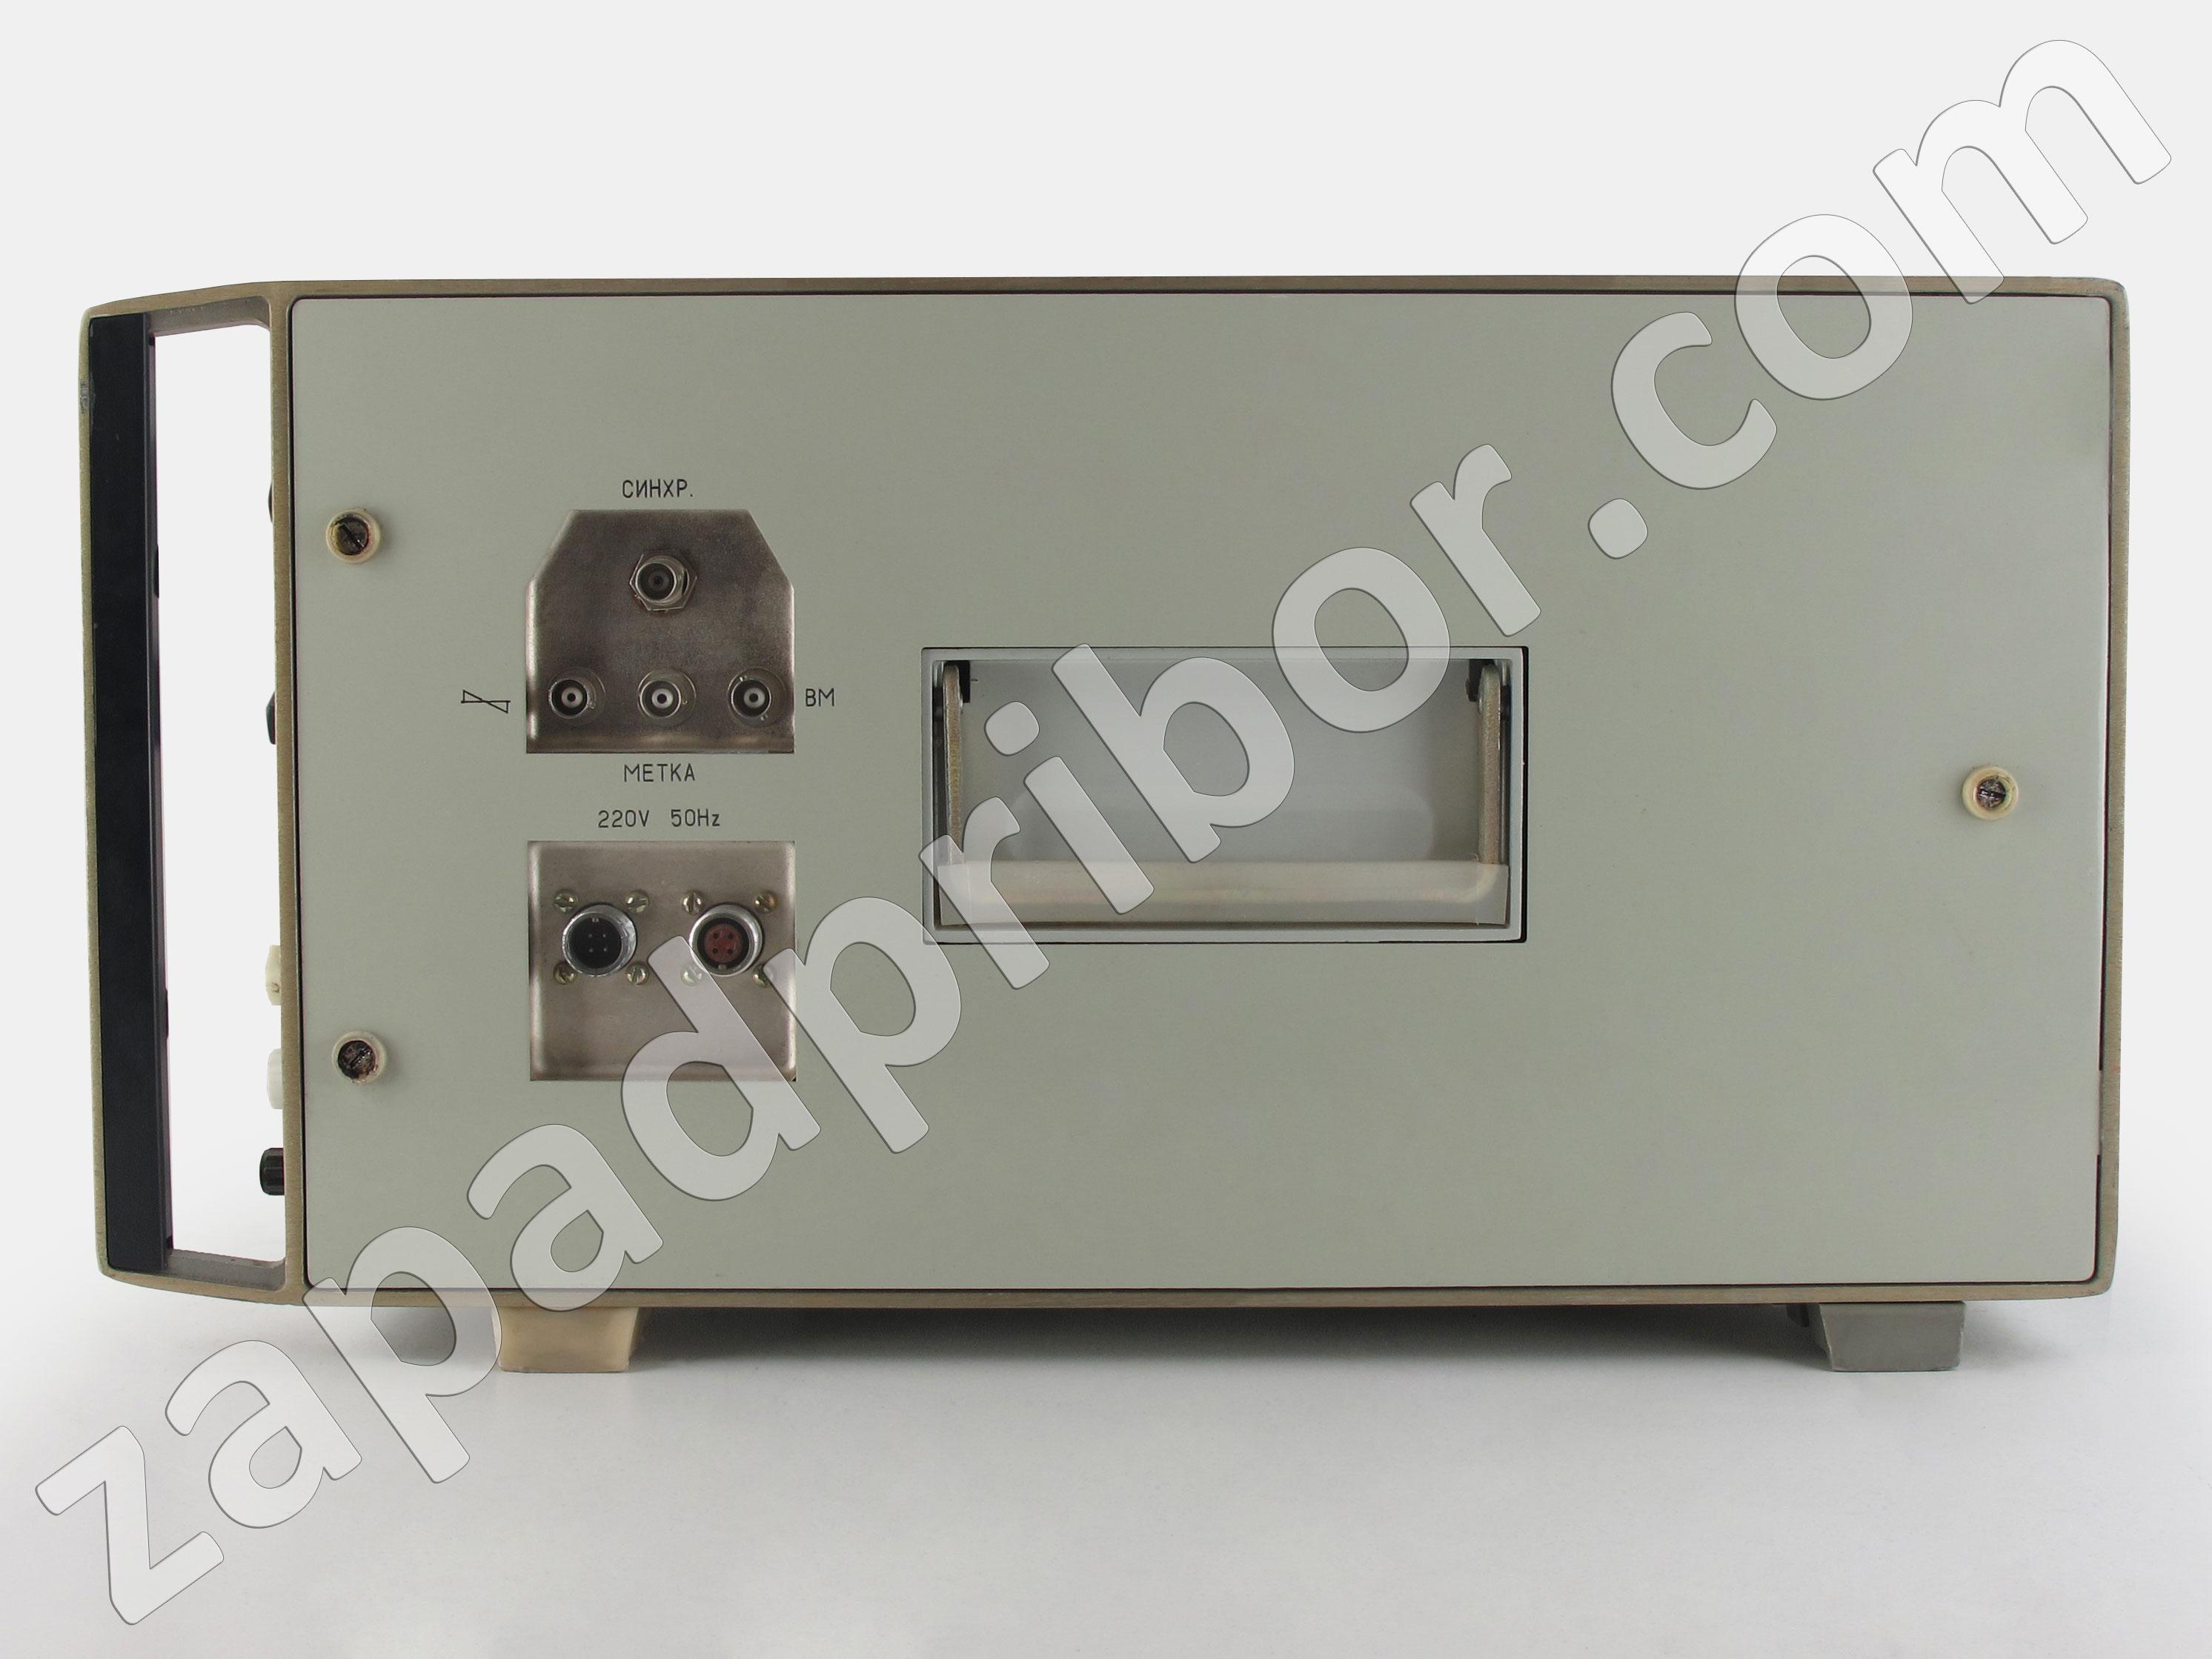 аппаратура п-330-1 схема включения